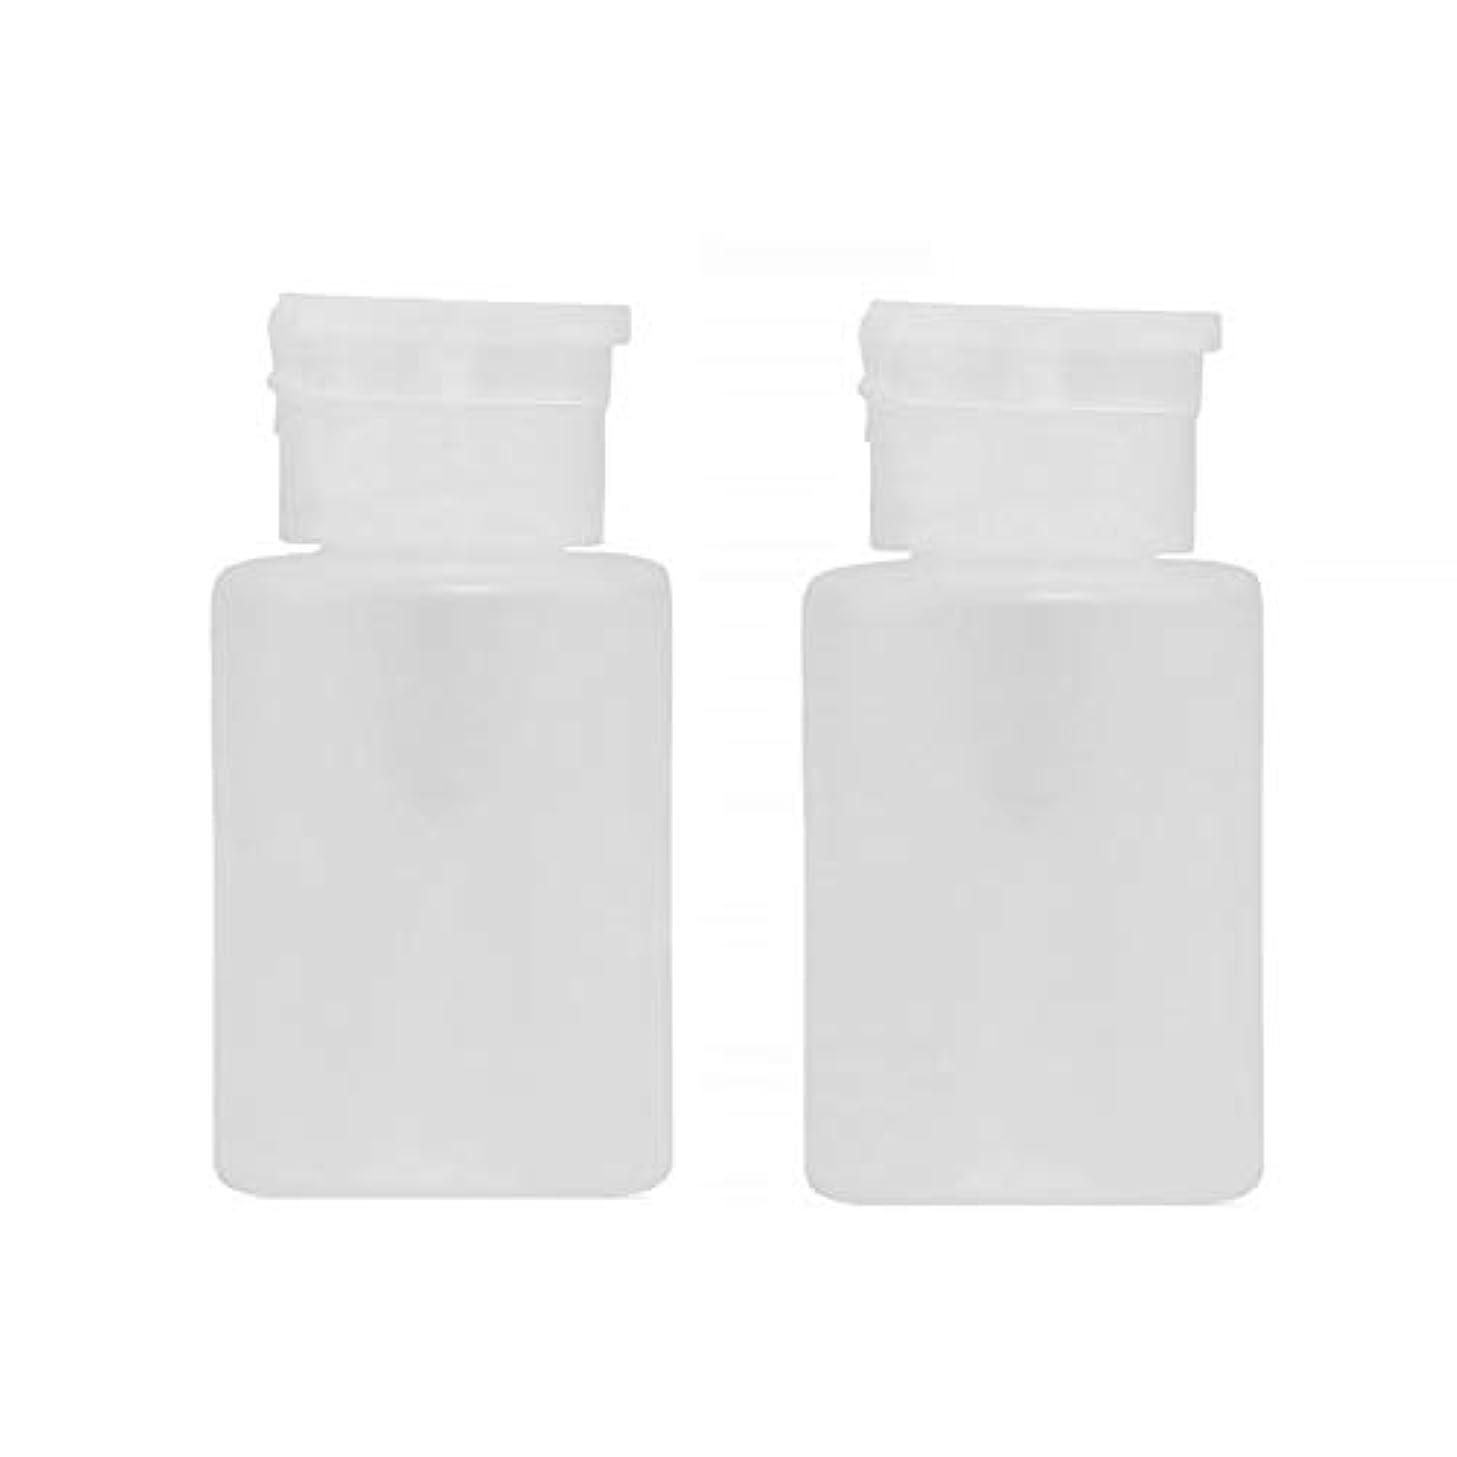 明るくする徹底間120ミリリットルプロネイル吐出ポンプボトル、空のプラスチックボトルクリア化粧ケースホワイト2